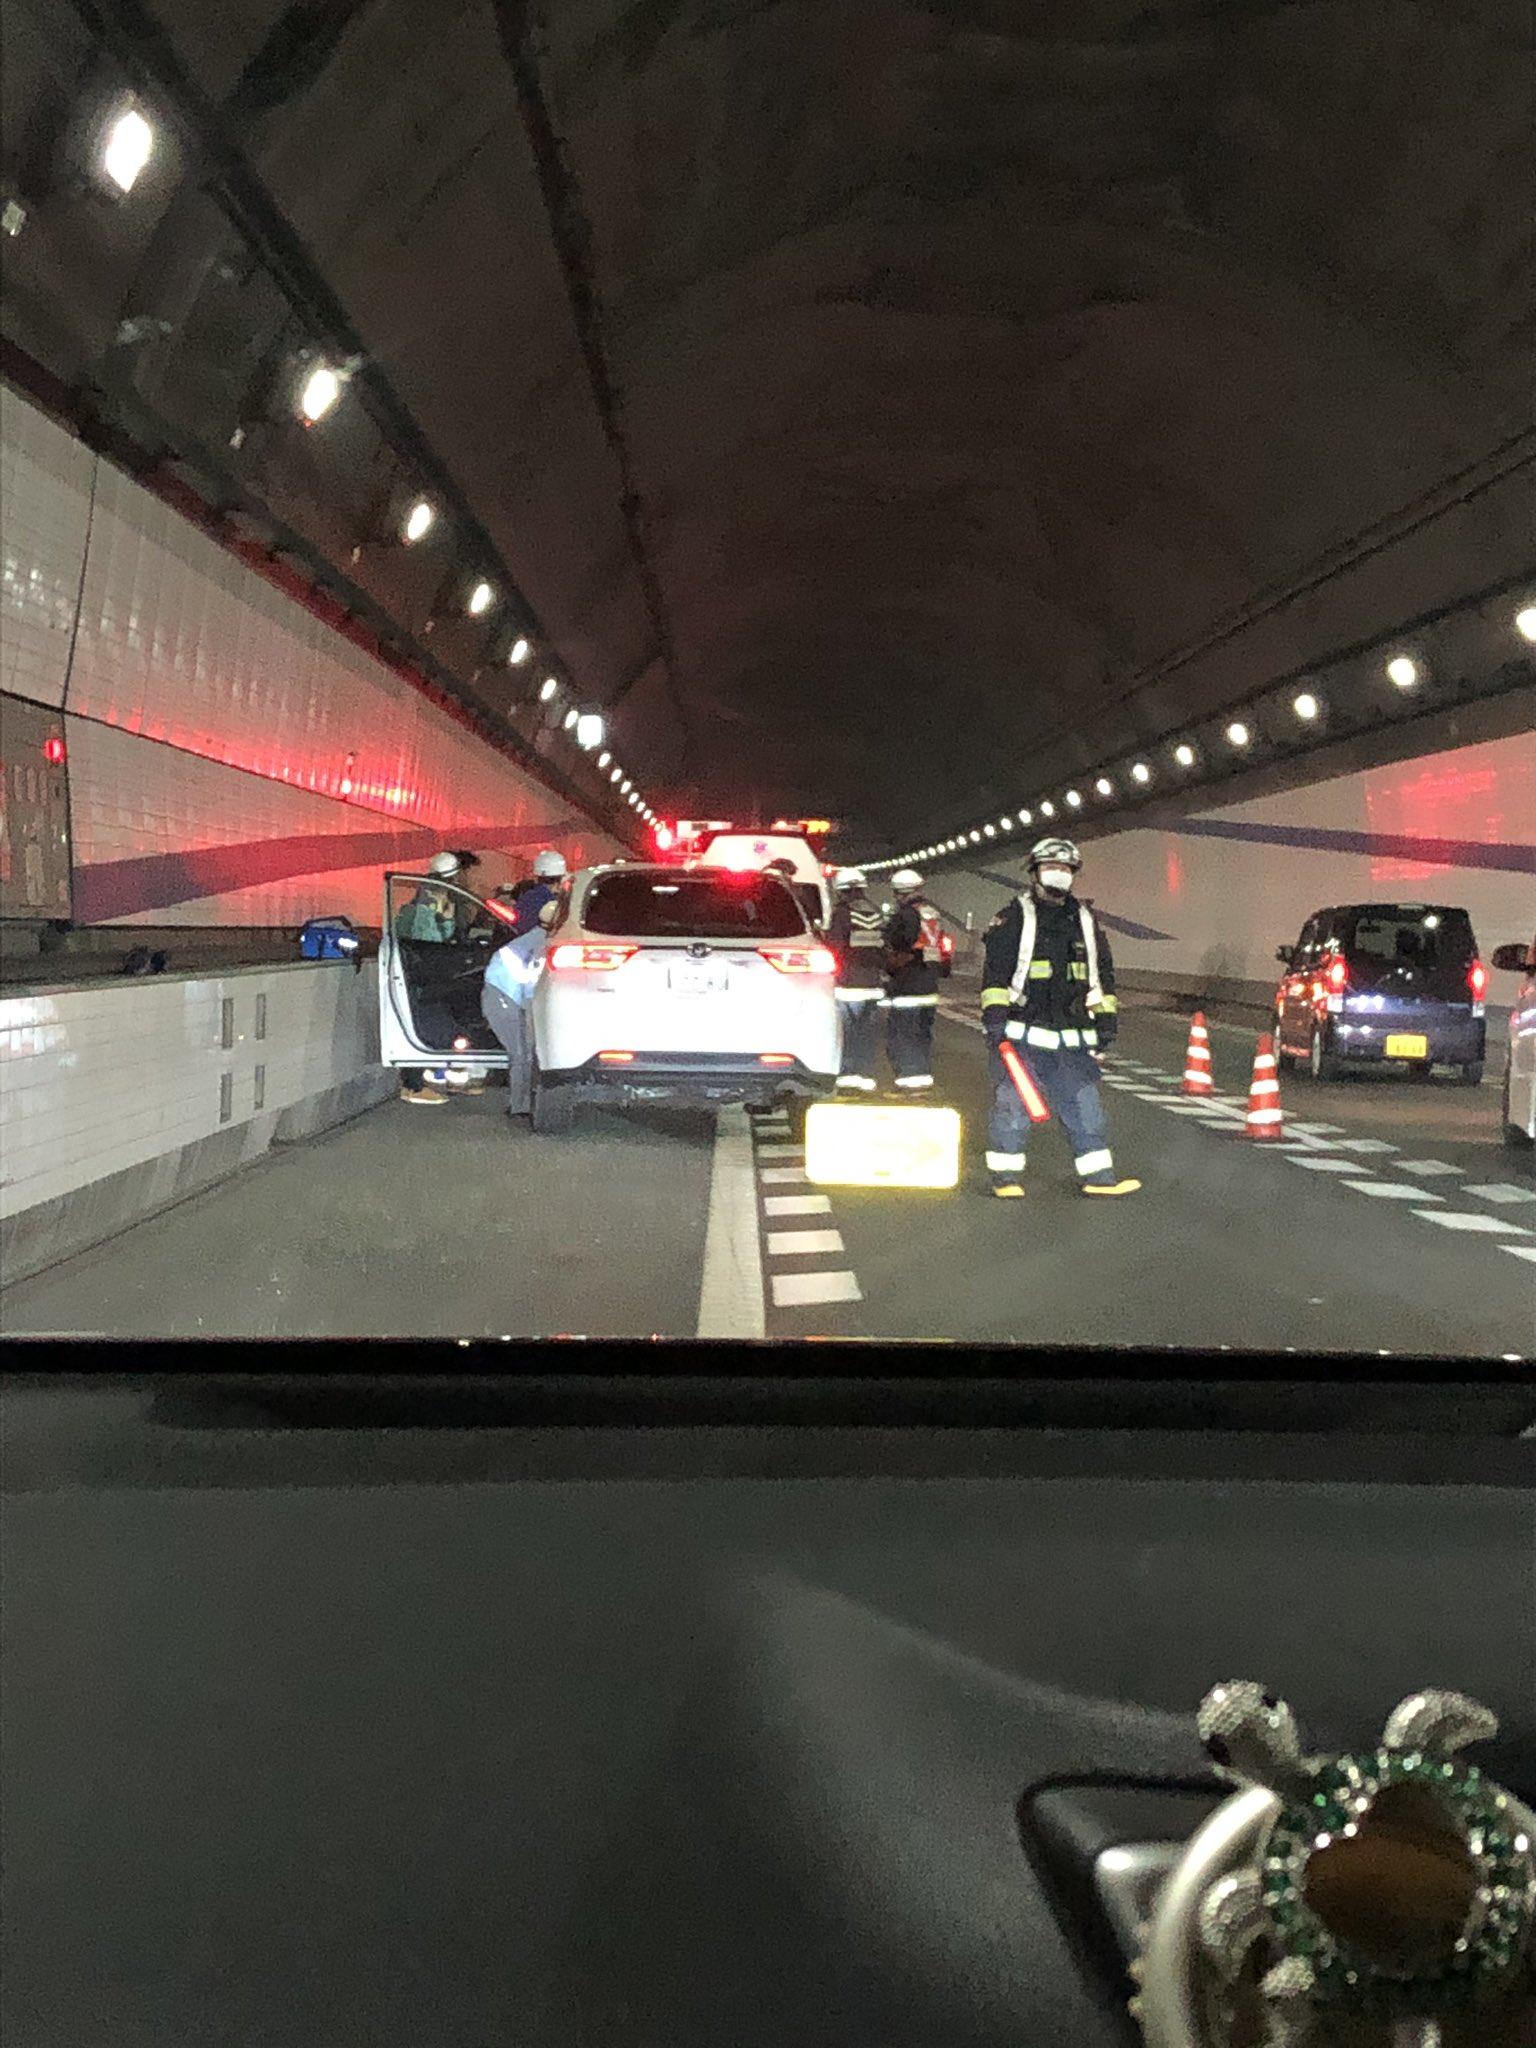 東京湾アクアラインの玉突き事故の現場画像